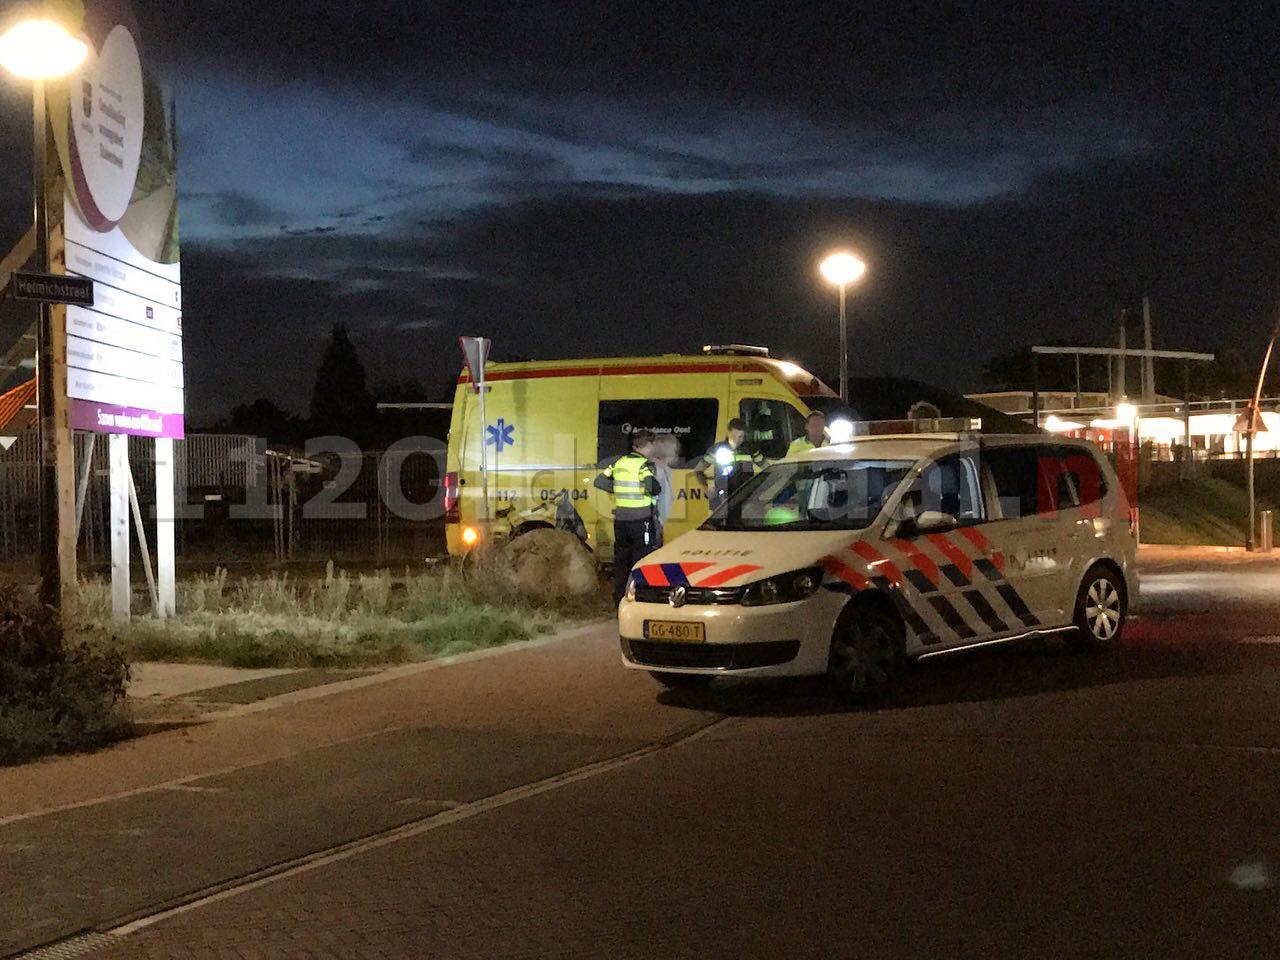 Foto: Fietsster raakt gewond bij aanrijding in Oldenzaal